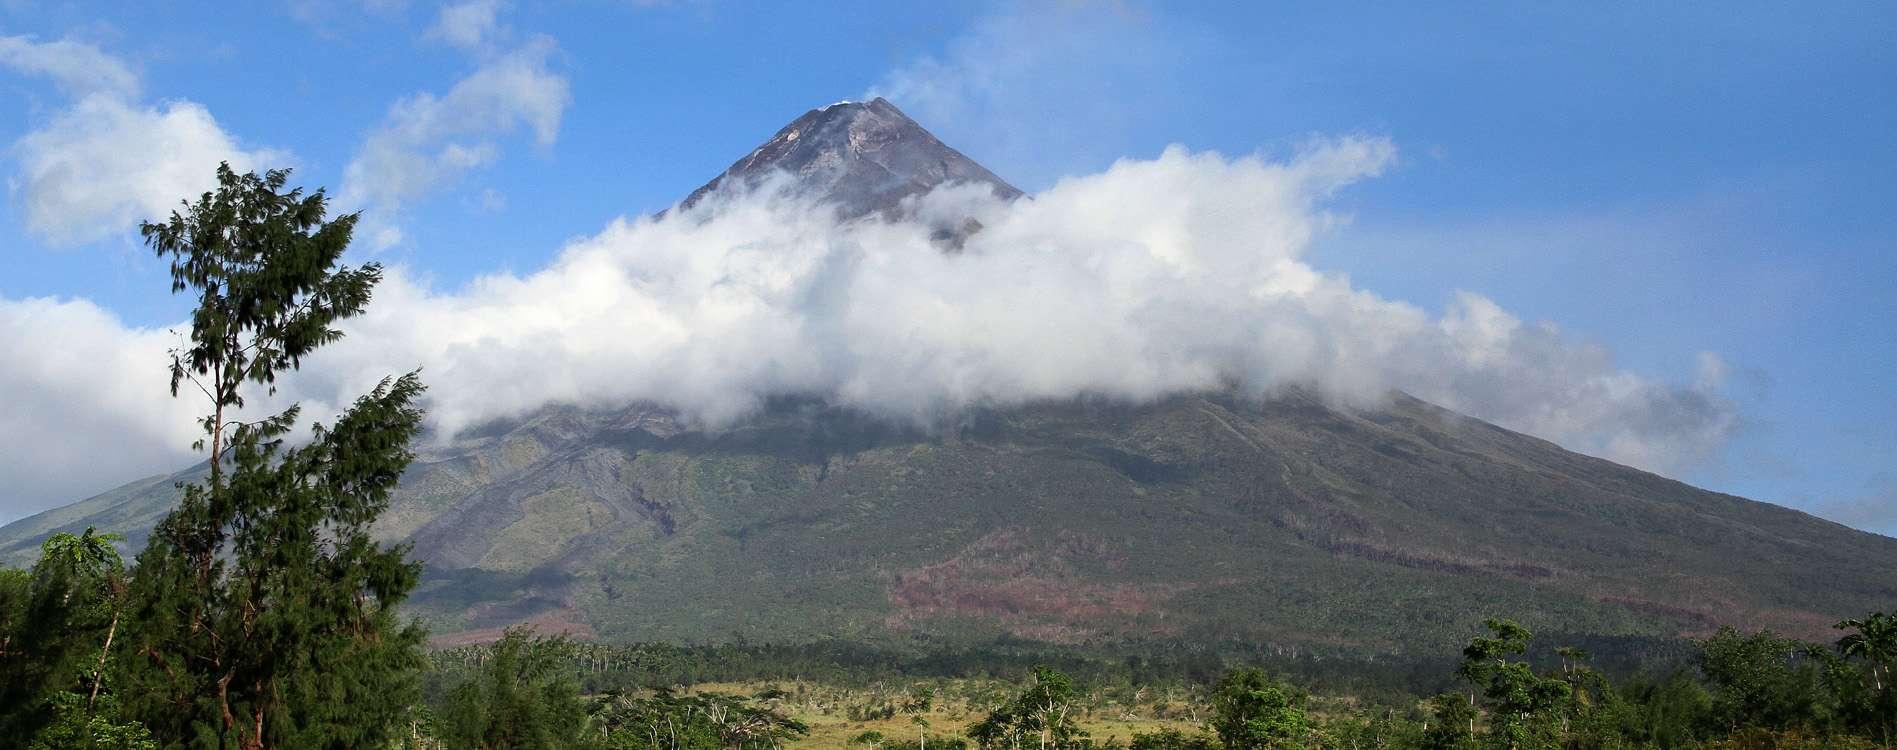 Filipinas evacua a 30 mil personas por erupción de volcán Foto: AFP en español